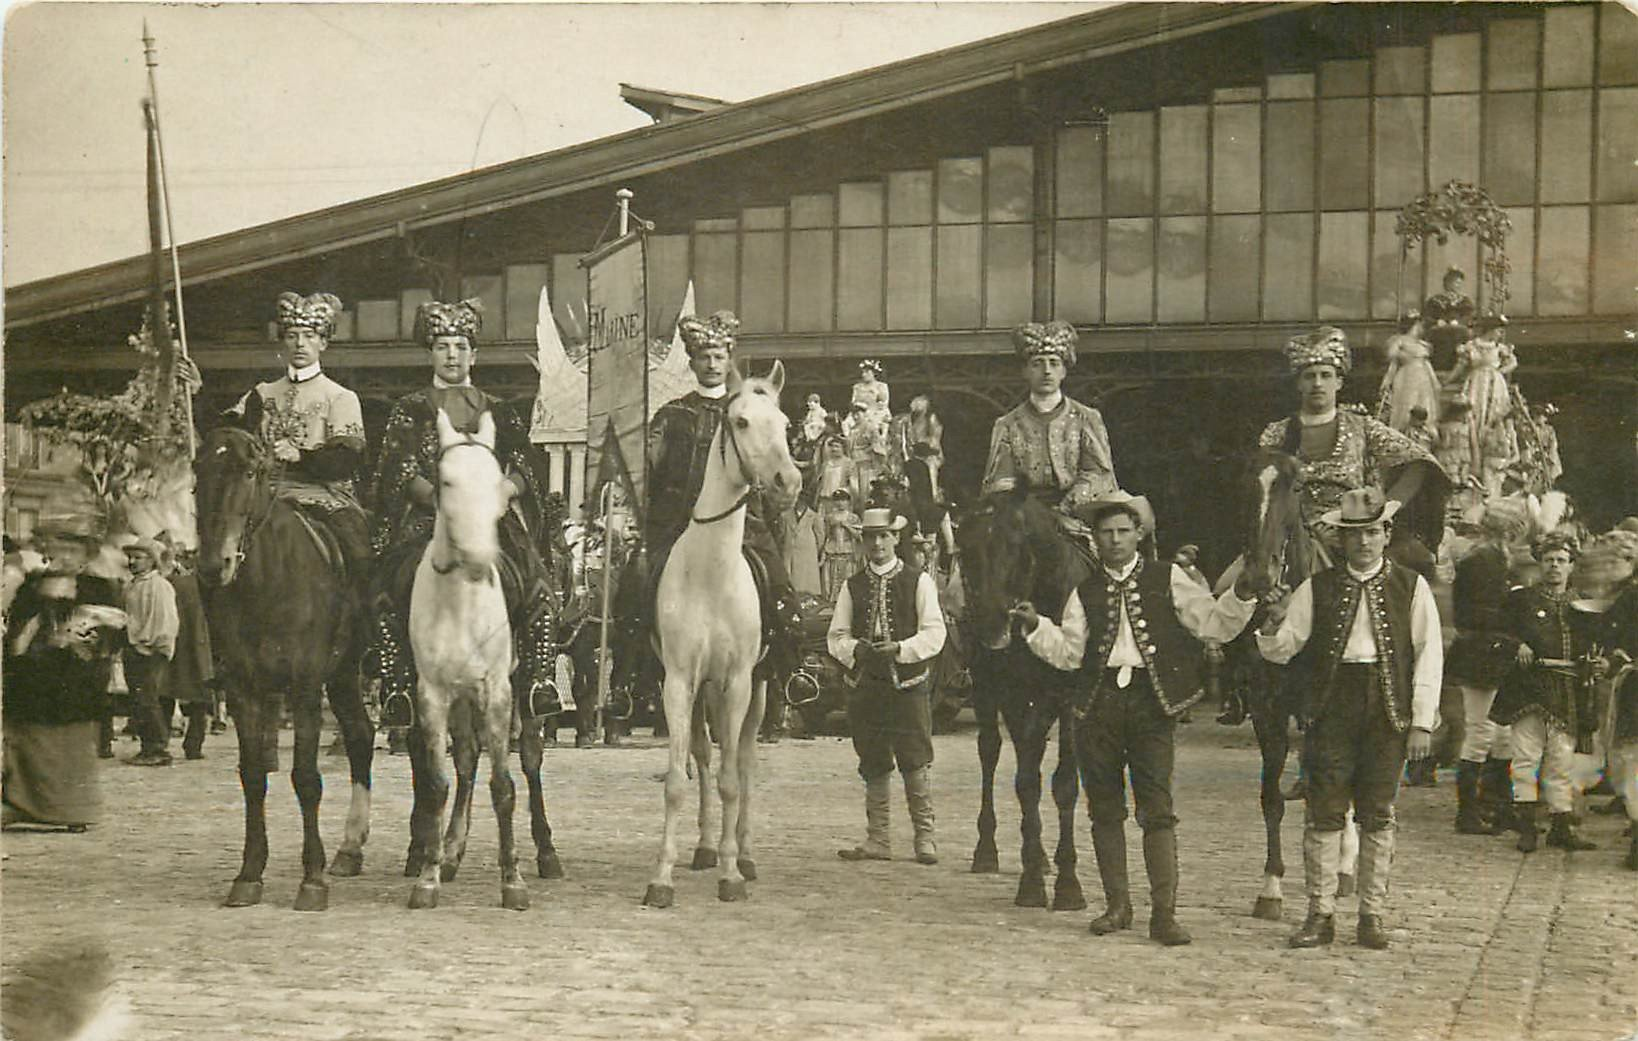 PARIS XIX. Election et parade de la Reine des Abattoirs de la Villette. Photo carte postale ancienne